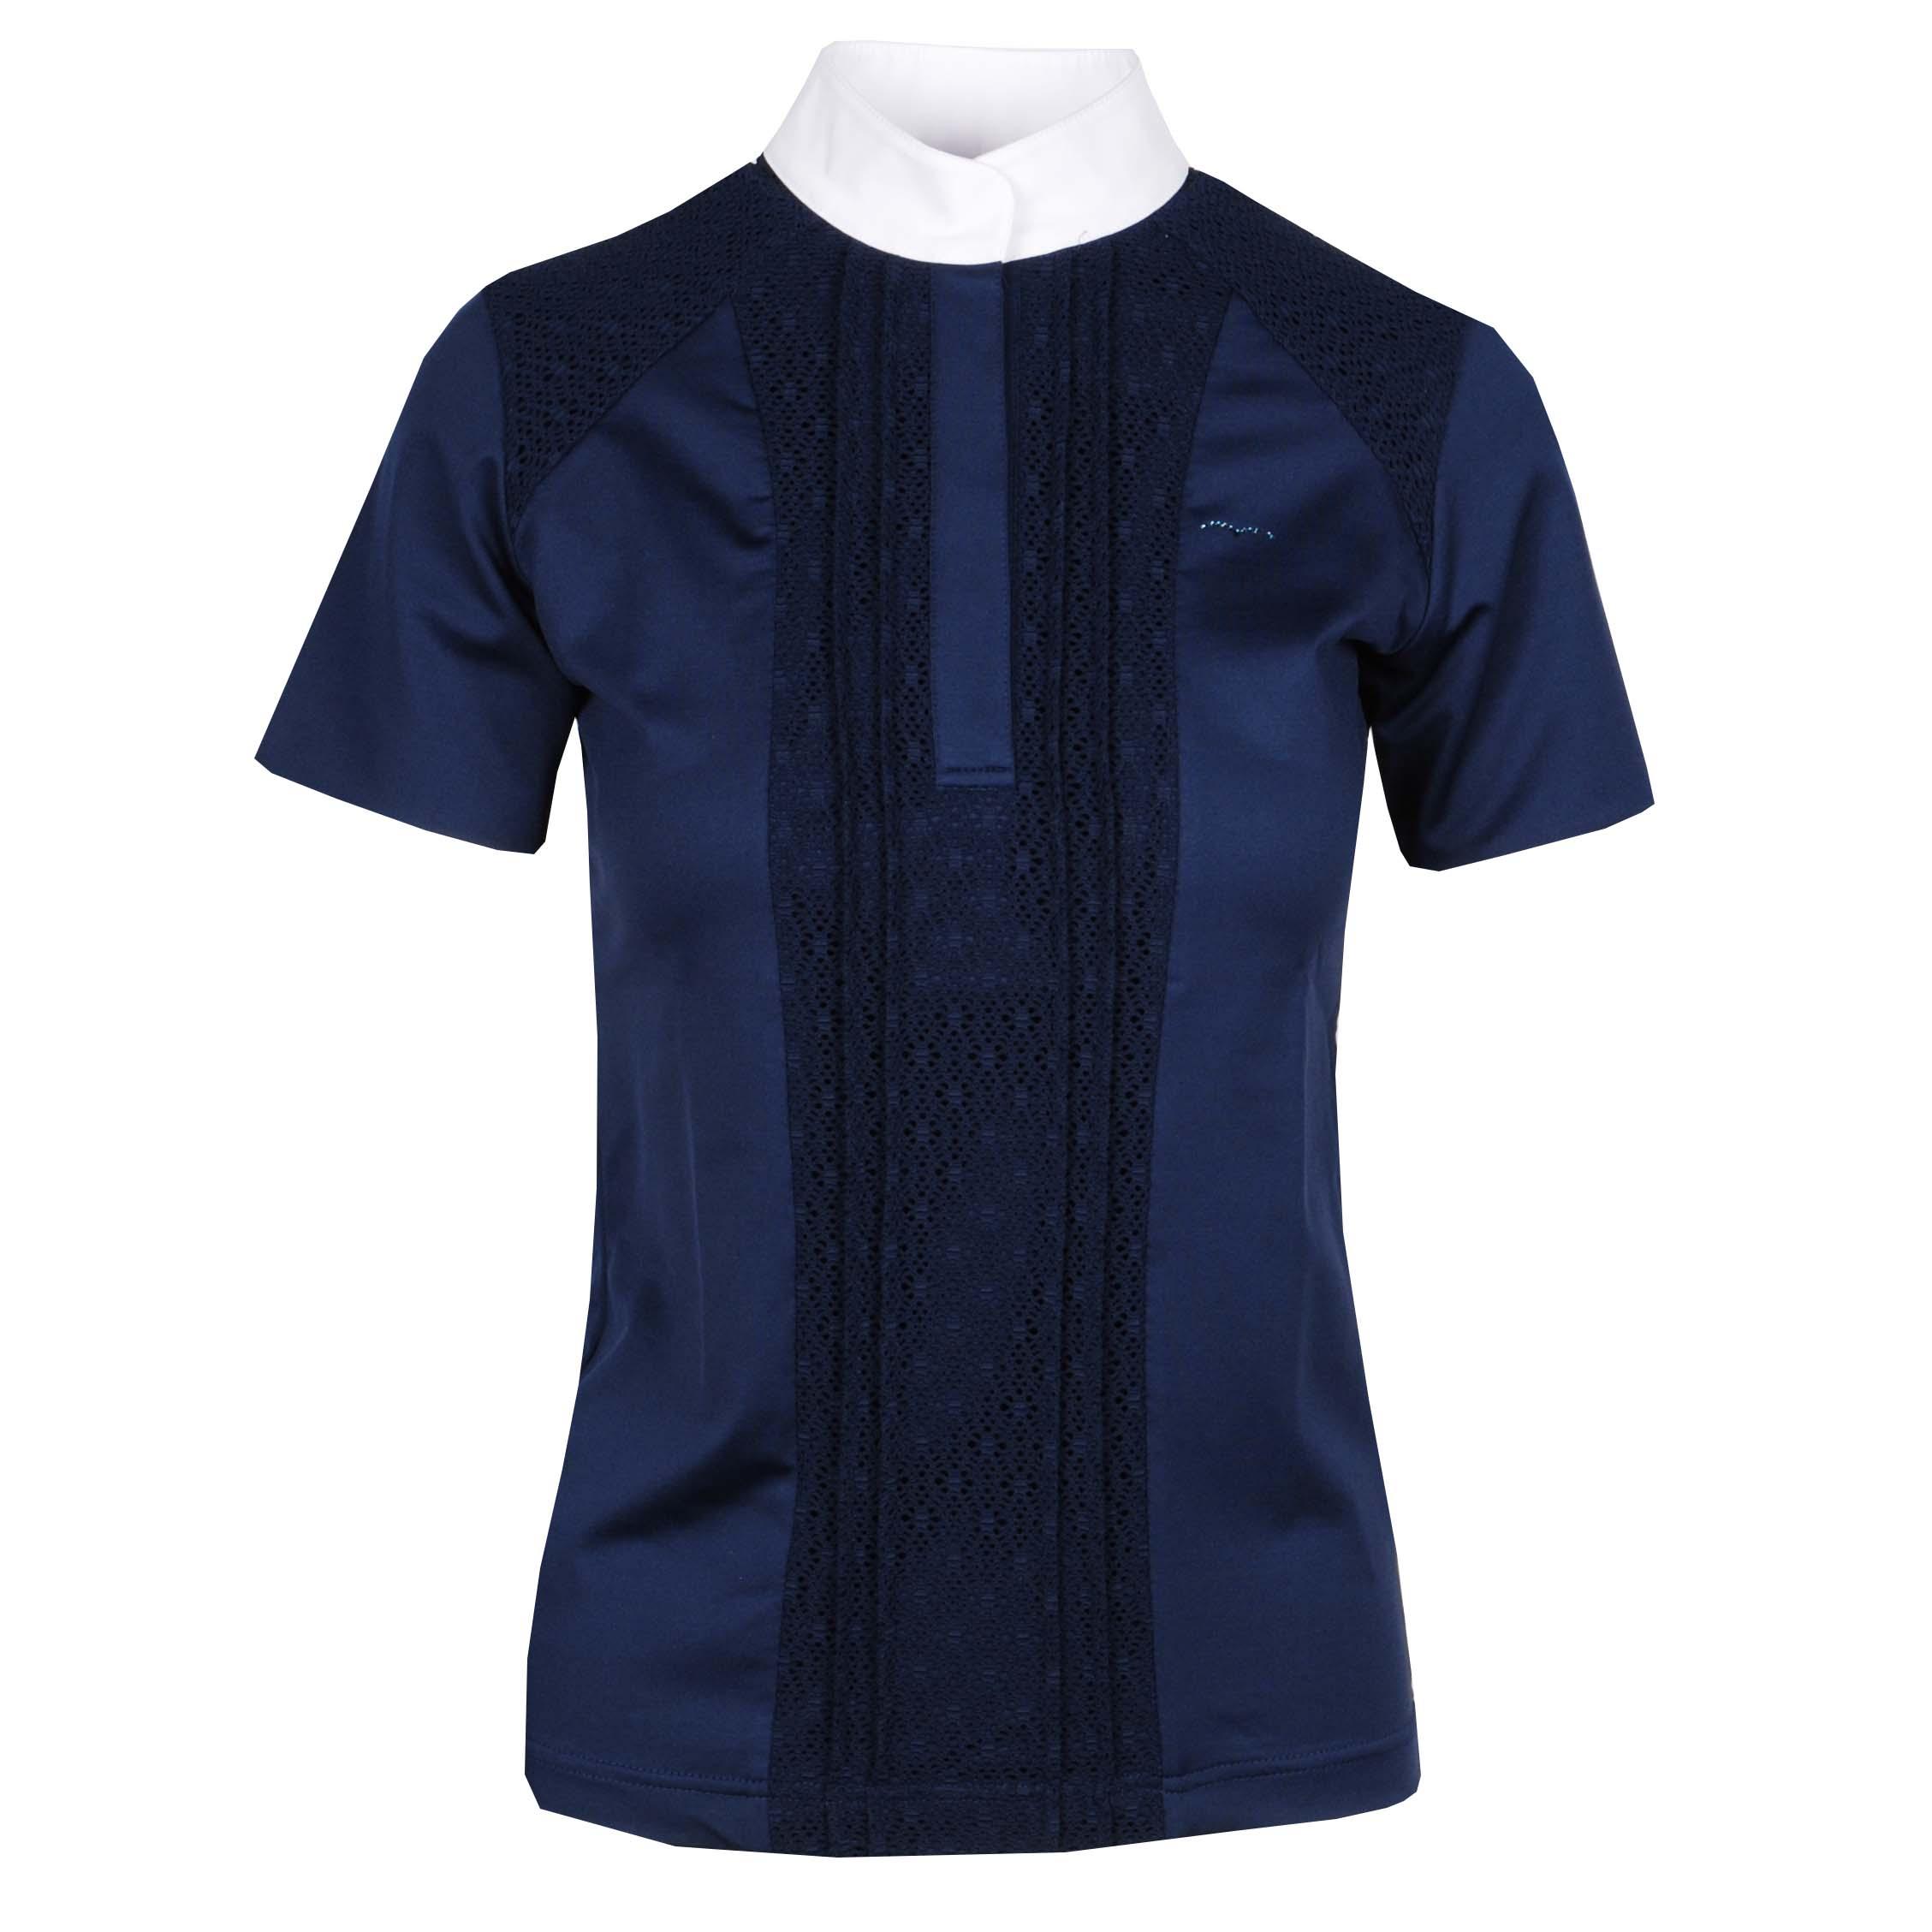 Animo Bel wedstrijdshirt donkerblauw maat:36